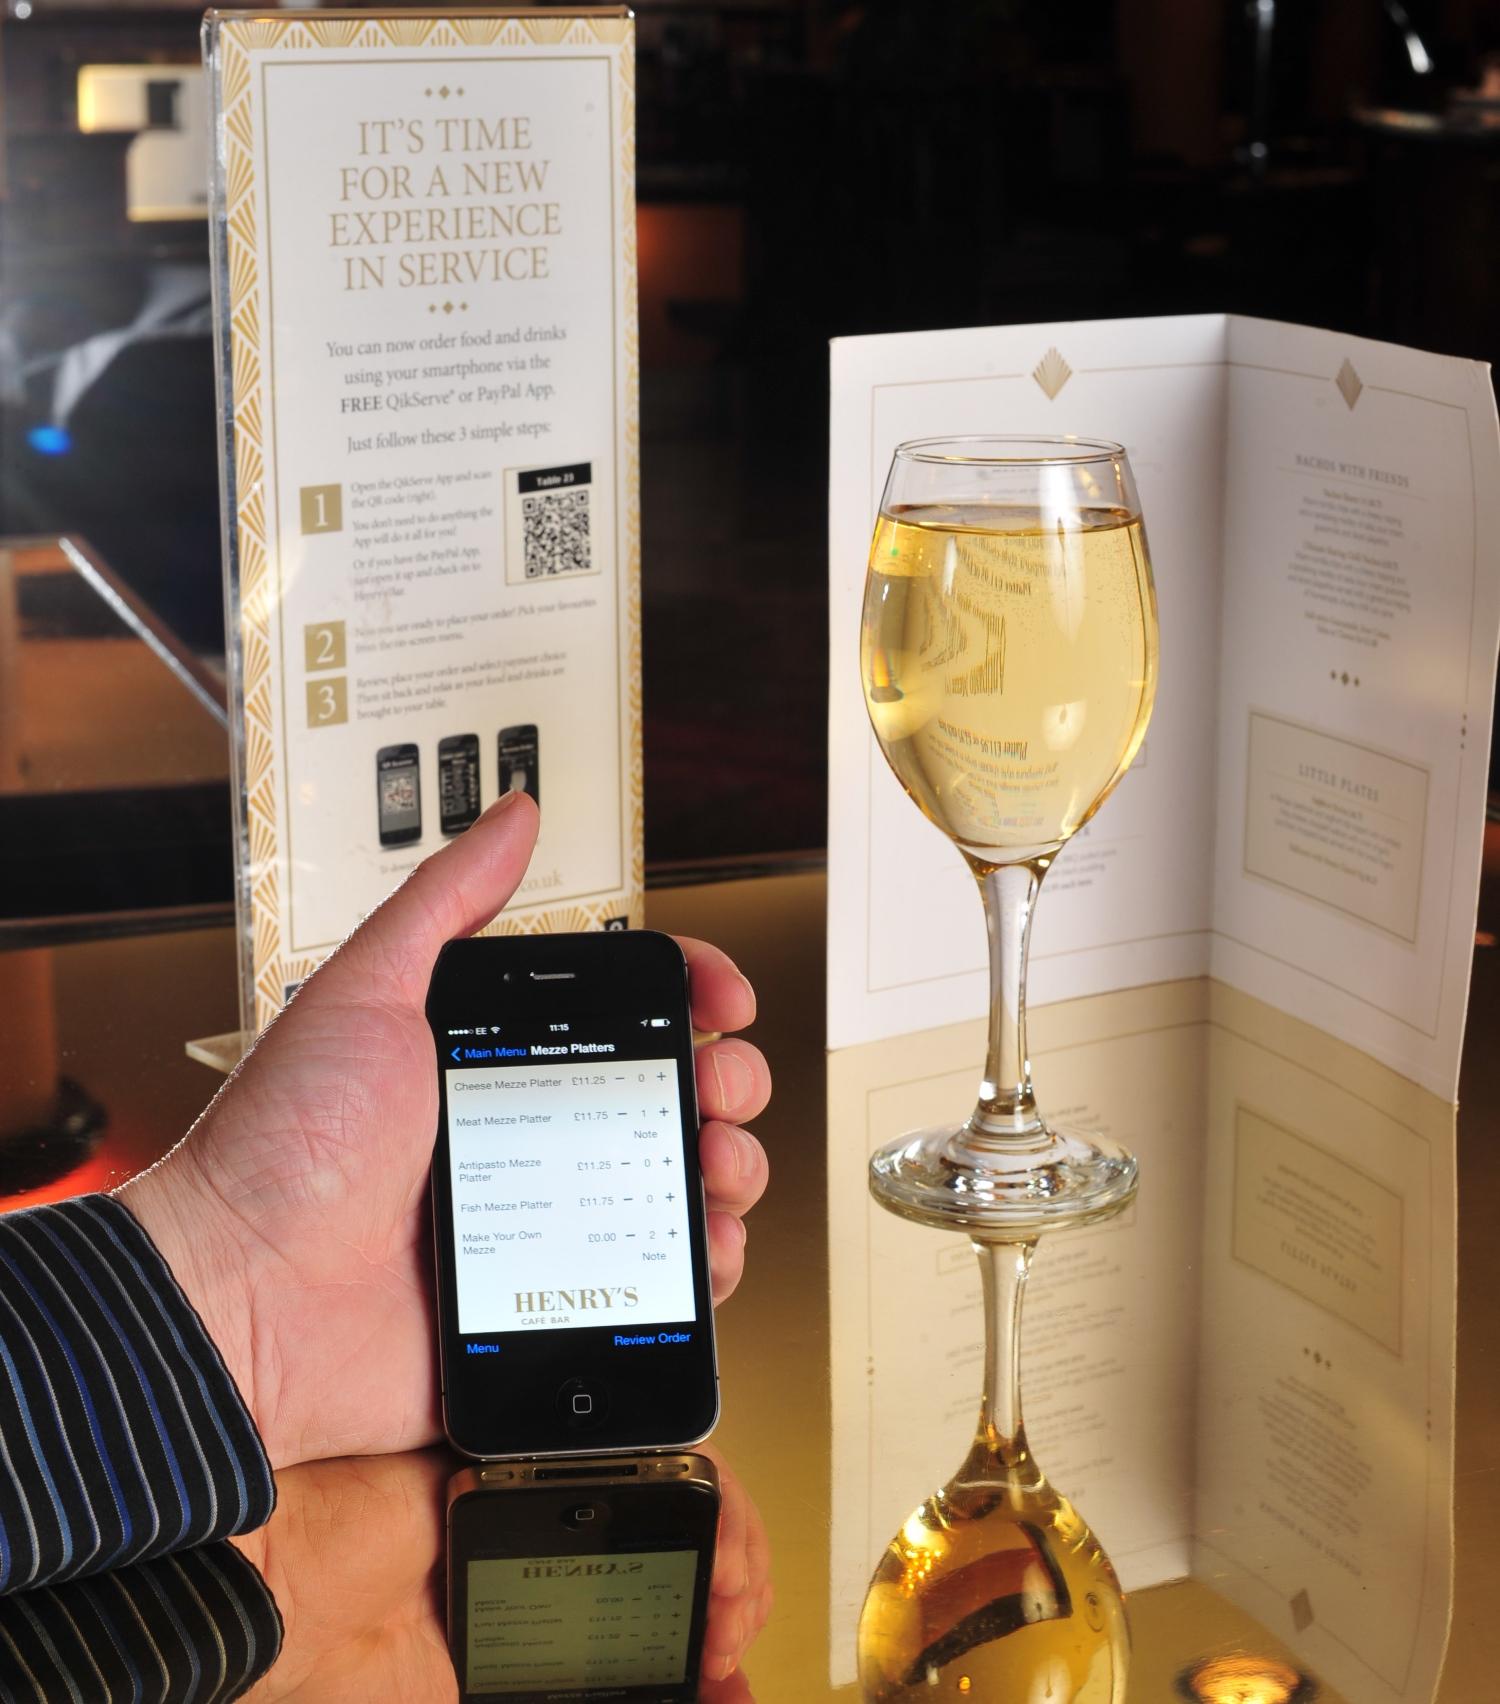 Mobile Ordering Platform QikServe Lands £525k Funding